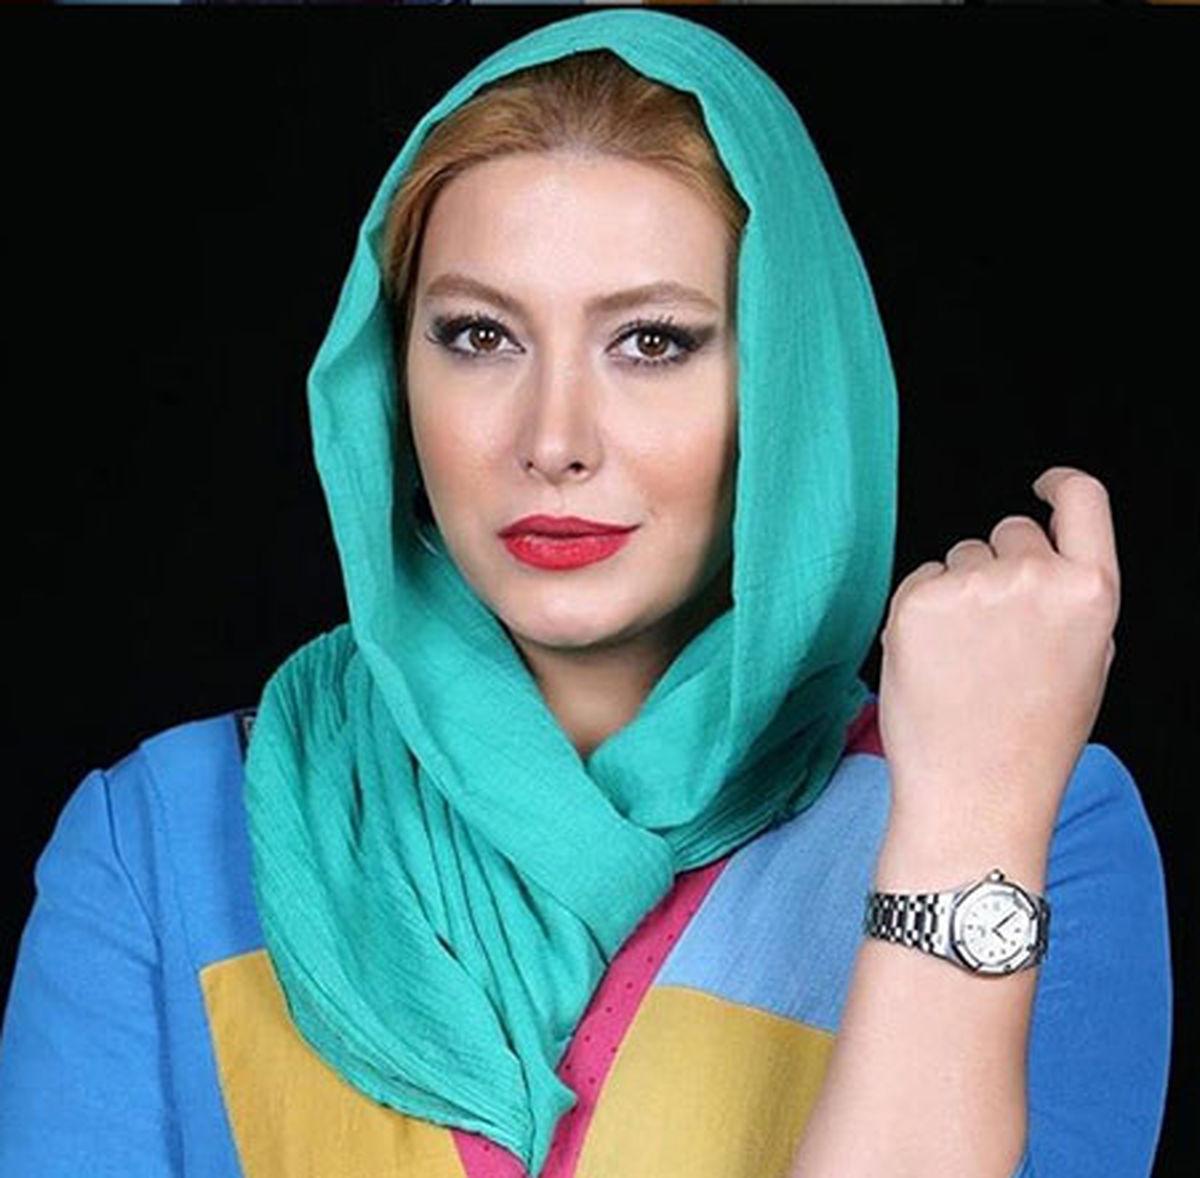 واکنش فریبا نادری به حکم اعدام حمید صفت +عکس